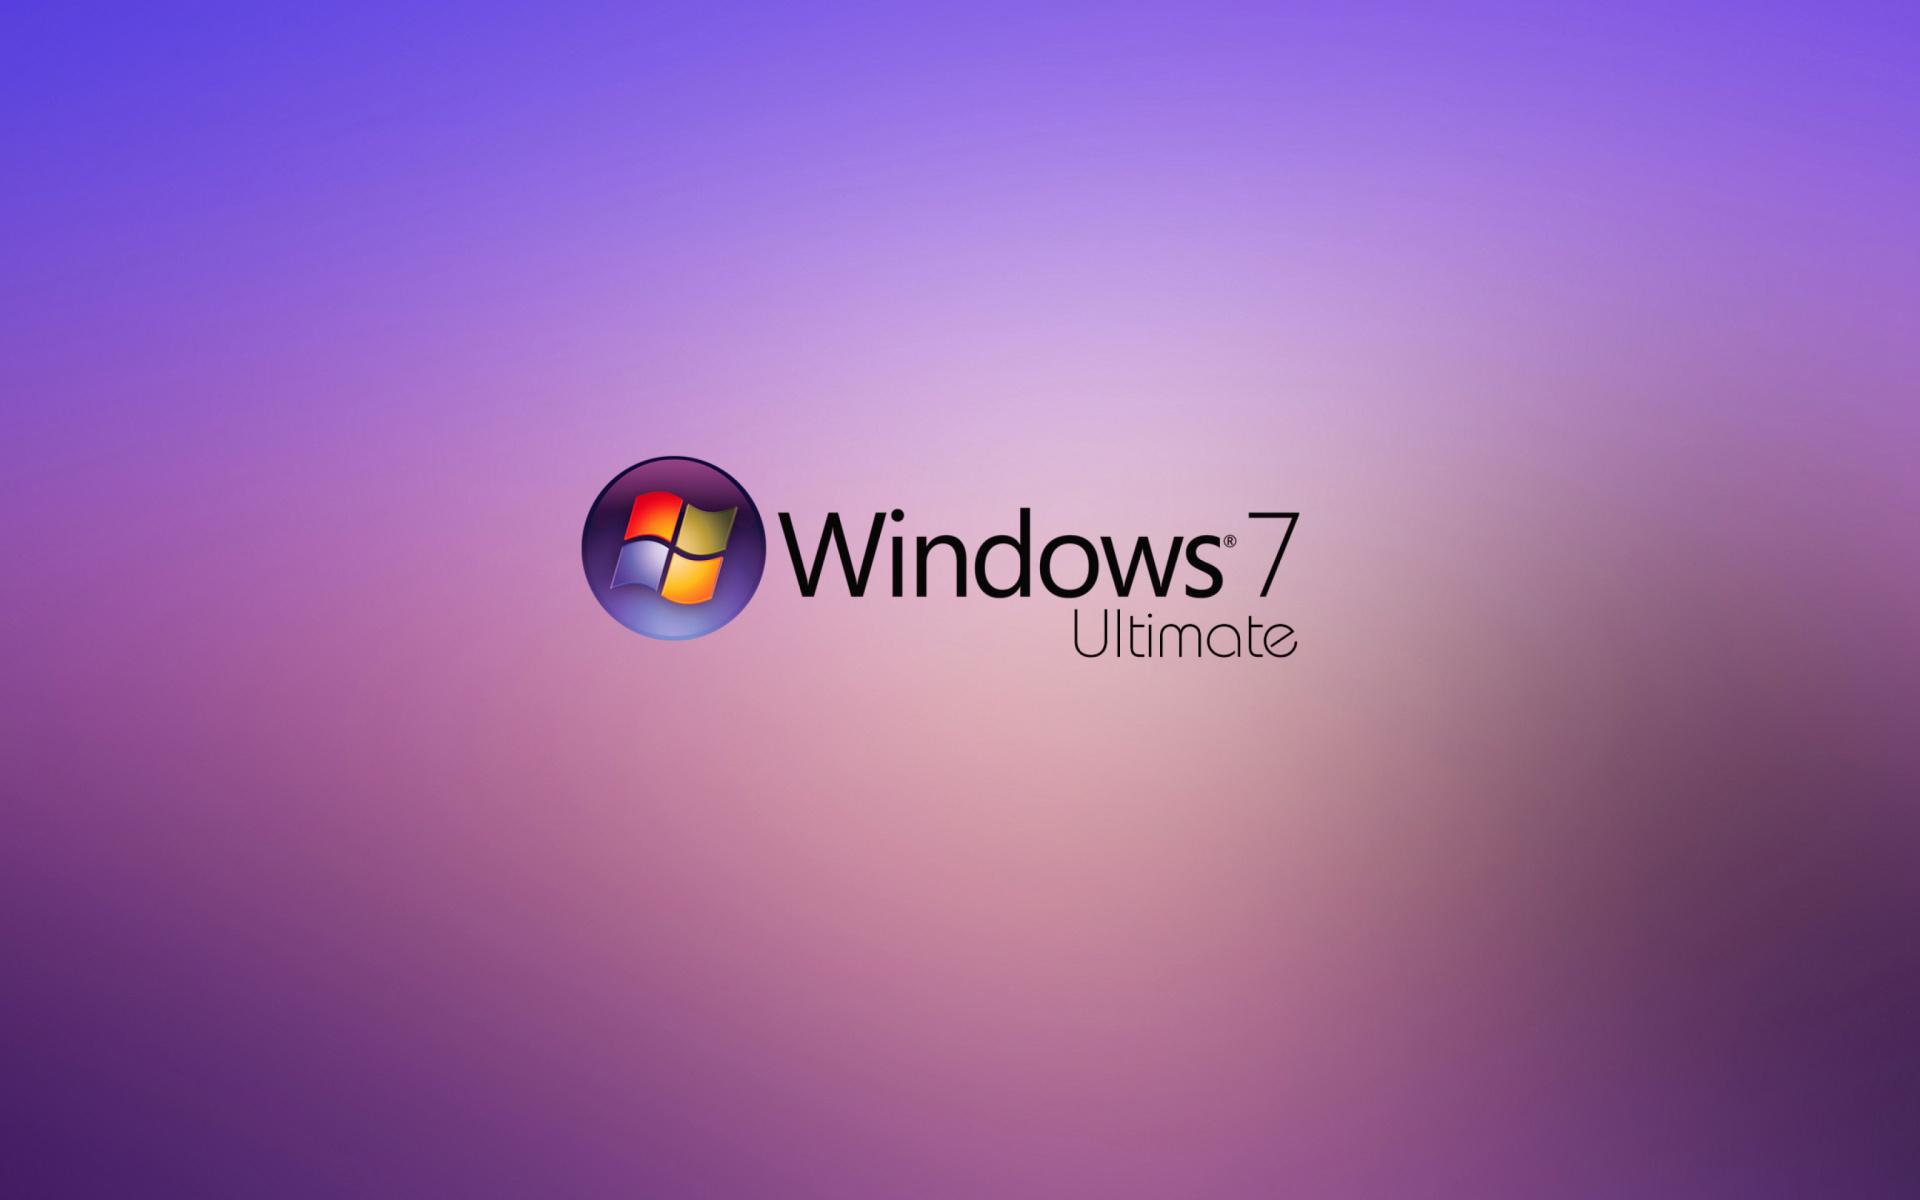 картинка Windows 7 Ultimate на Widescreen рабочего стола Pc